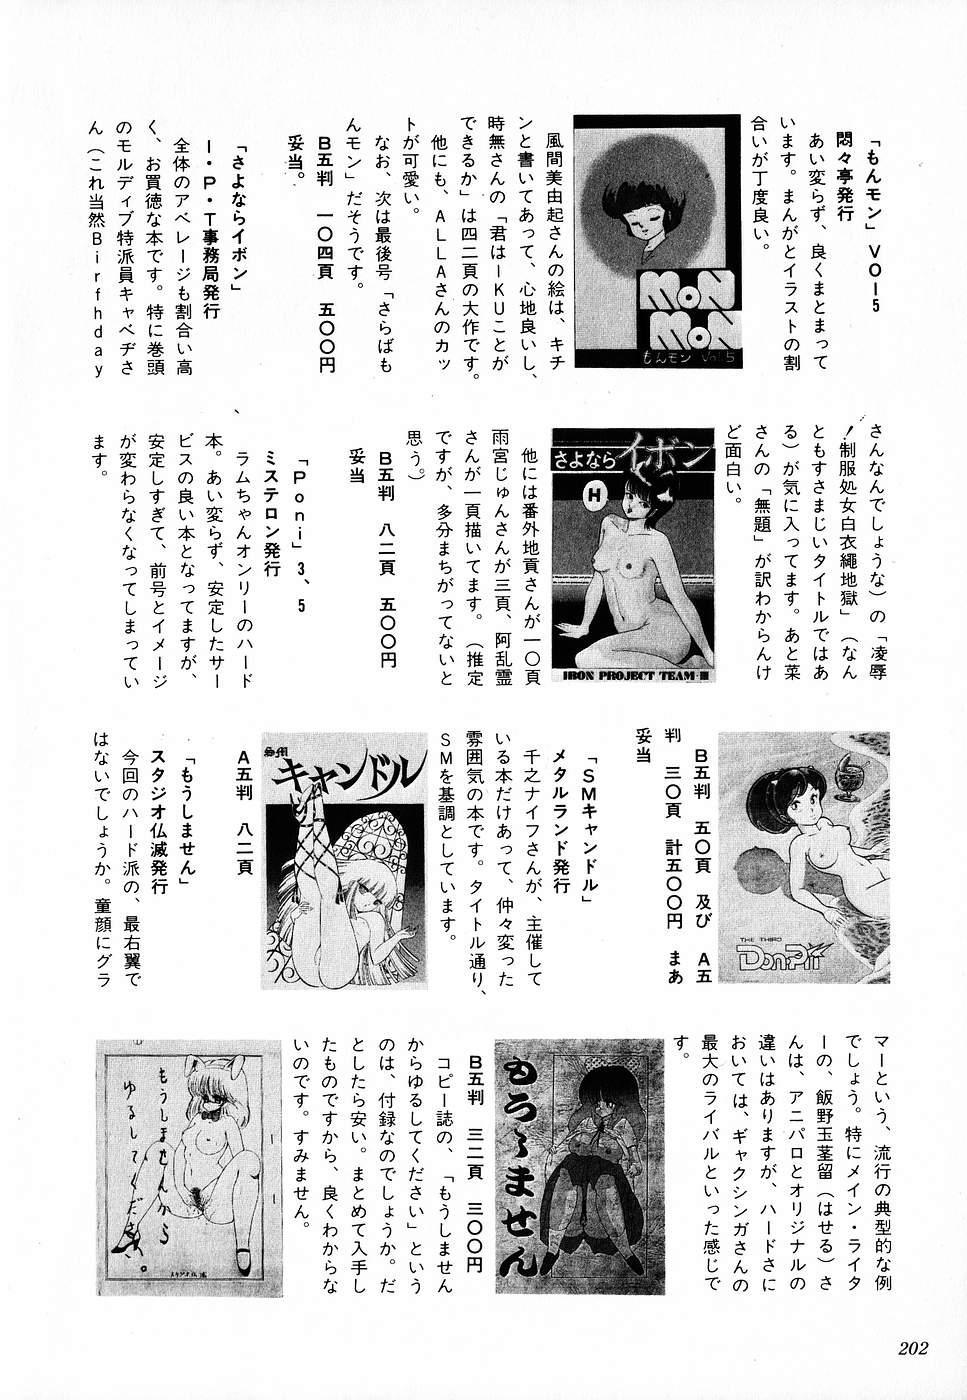 COMIC Lolipop 1985-10 Soukanjunbigou Aki 201